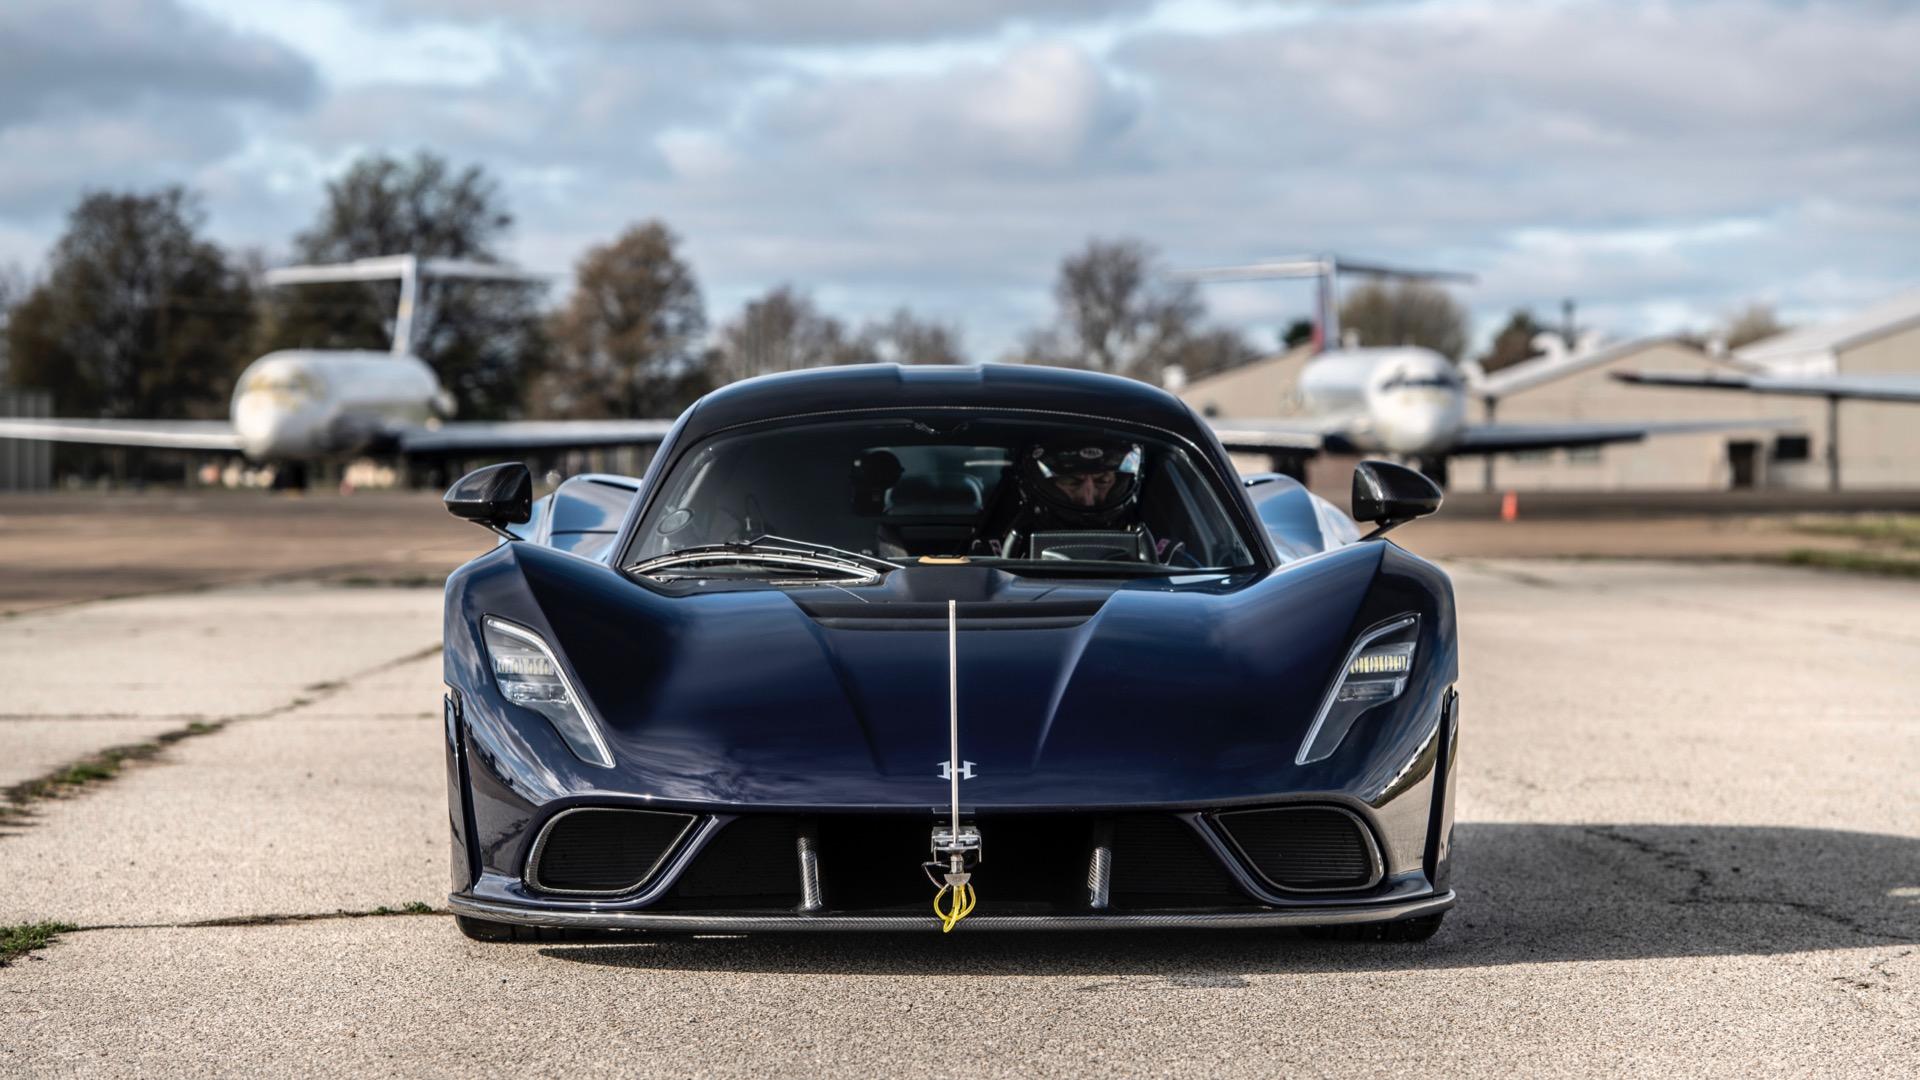 Hennessey Venom F5 aerodynamics testing